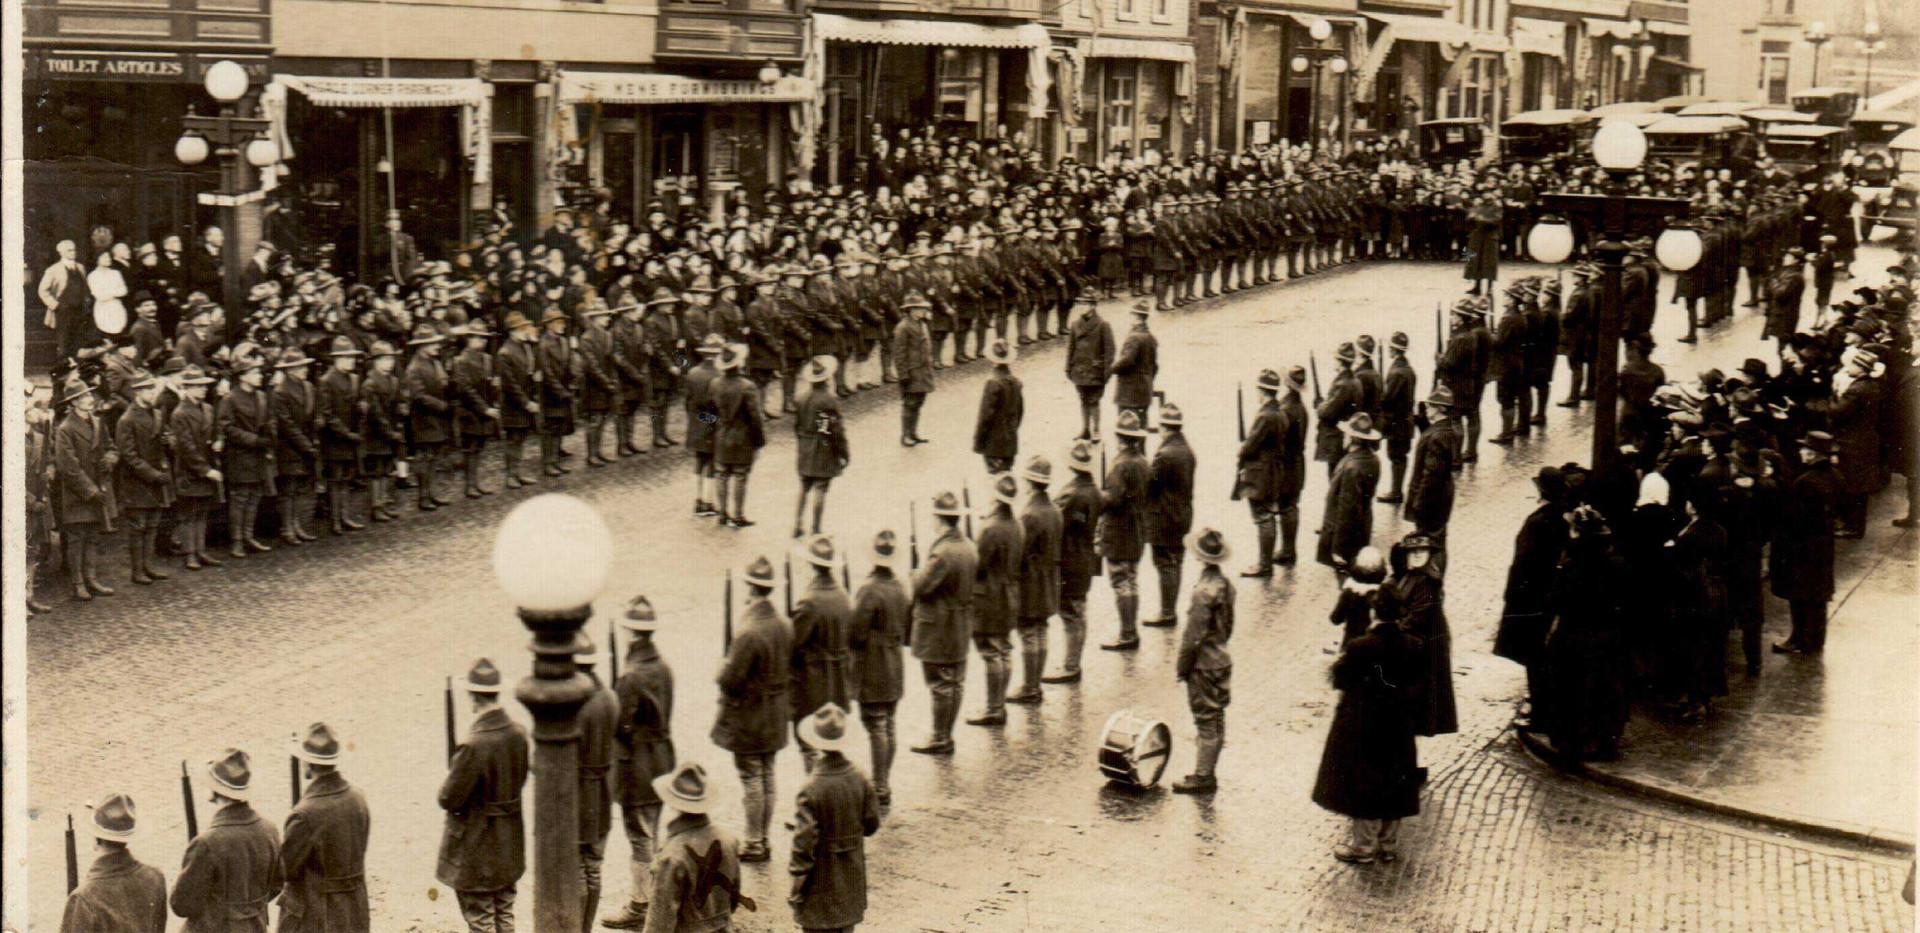 Parade_Armistice_1919_WW1_1919.jpg